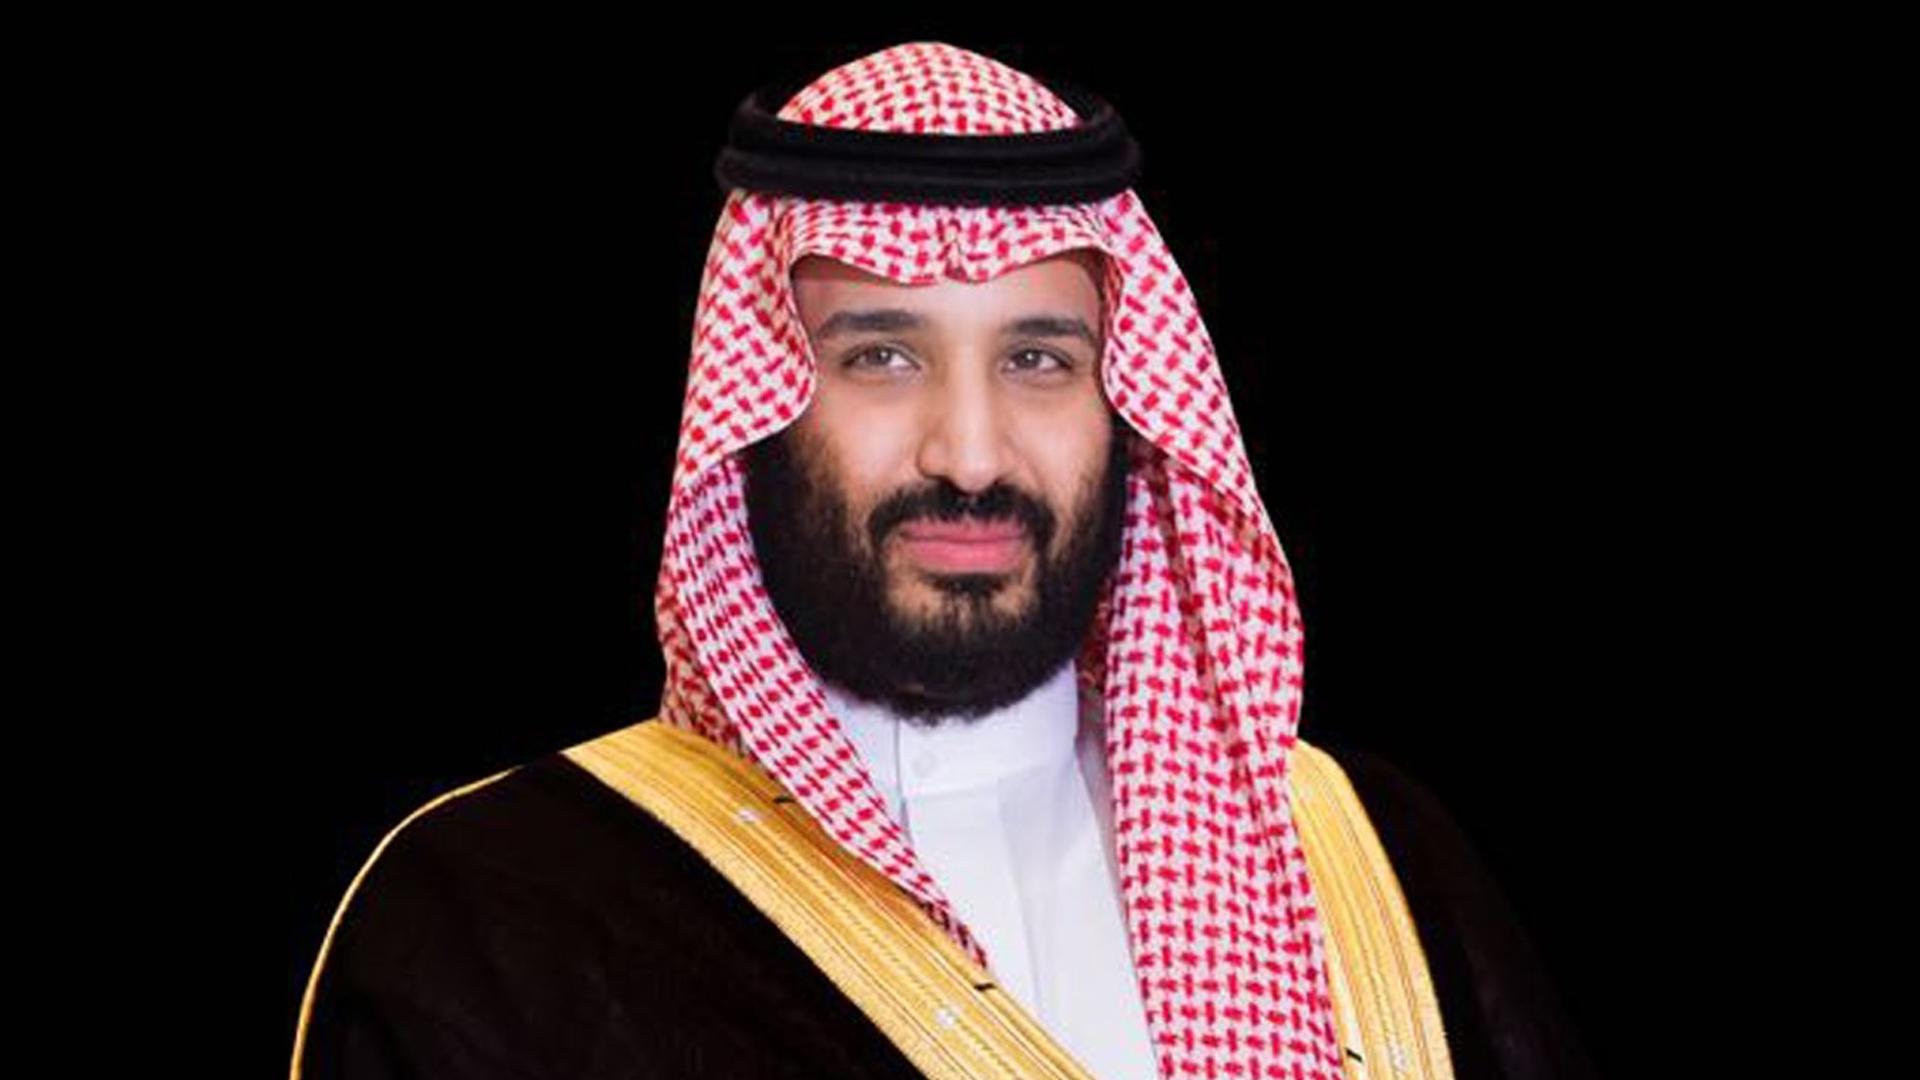 ولي العهد السعودي نفتخر في اليوم الوطني بما حققناه من إنجازات العربي بوست